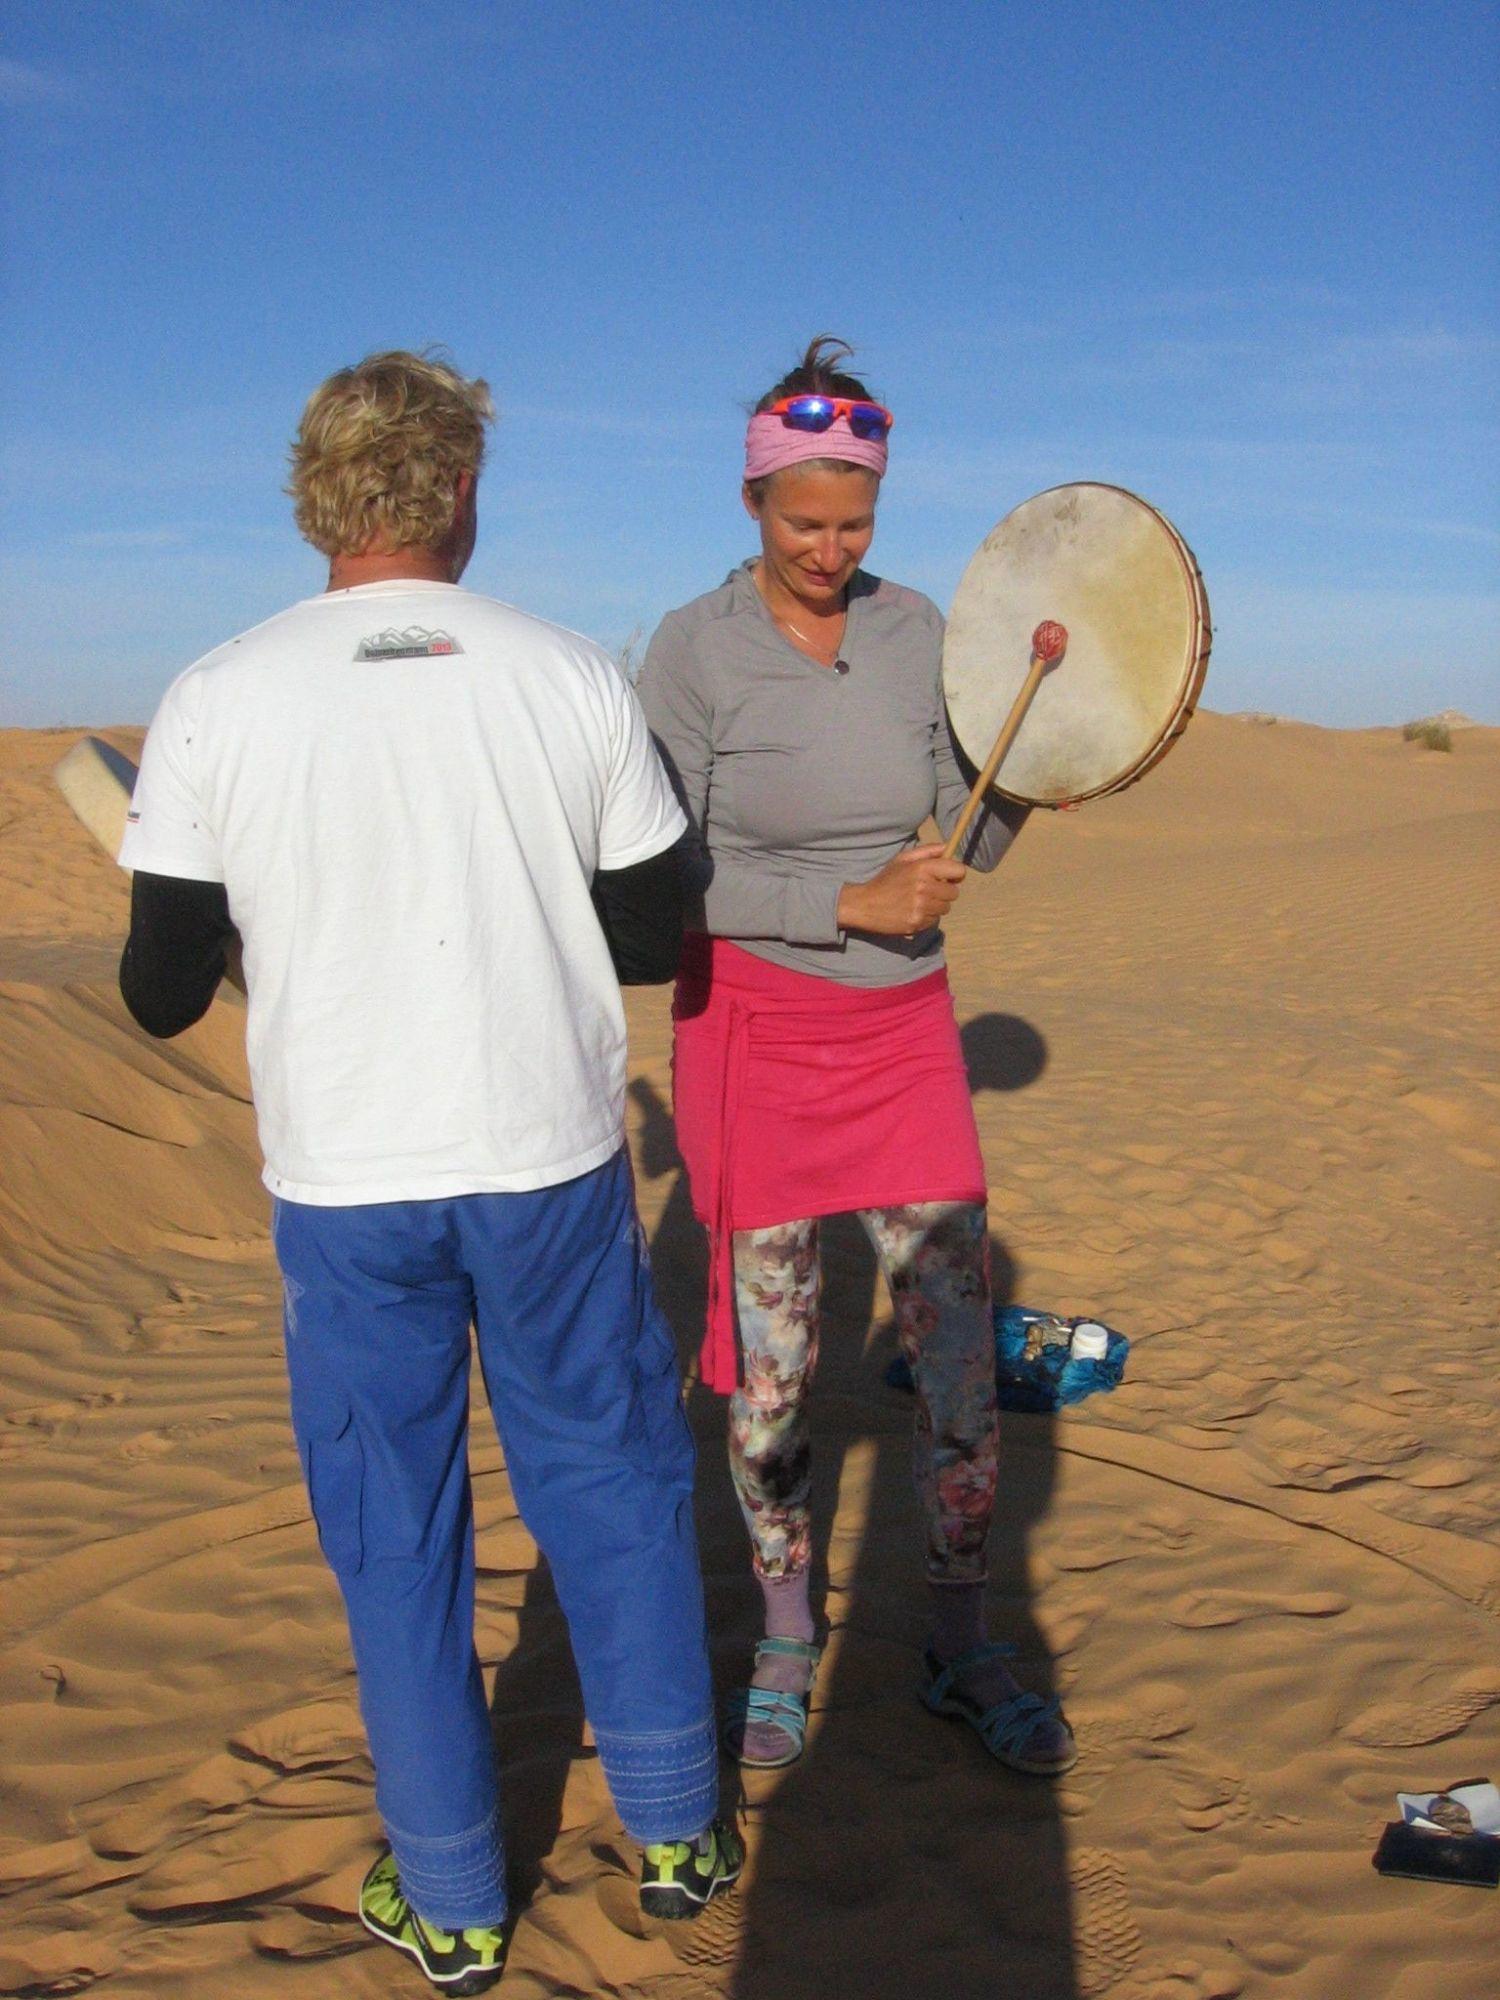 šamanské bubny - Pouť Saharou 2014